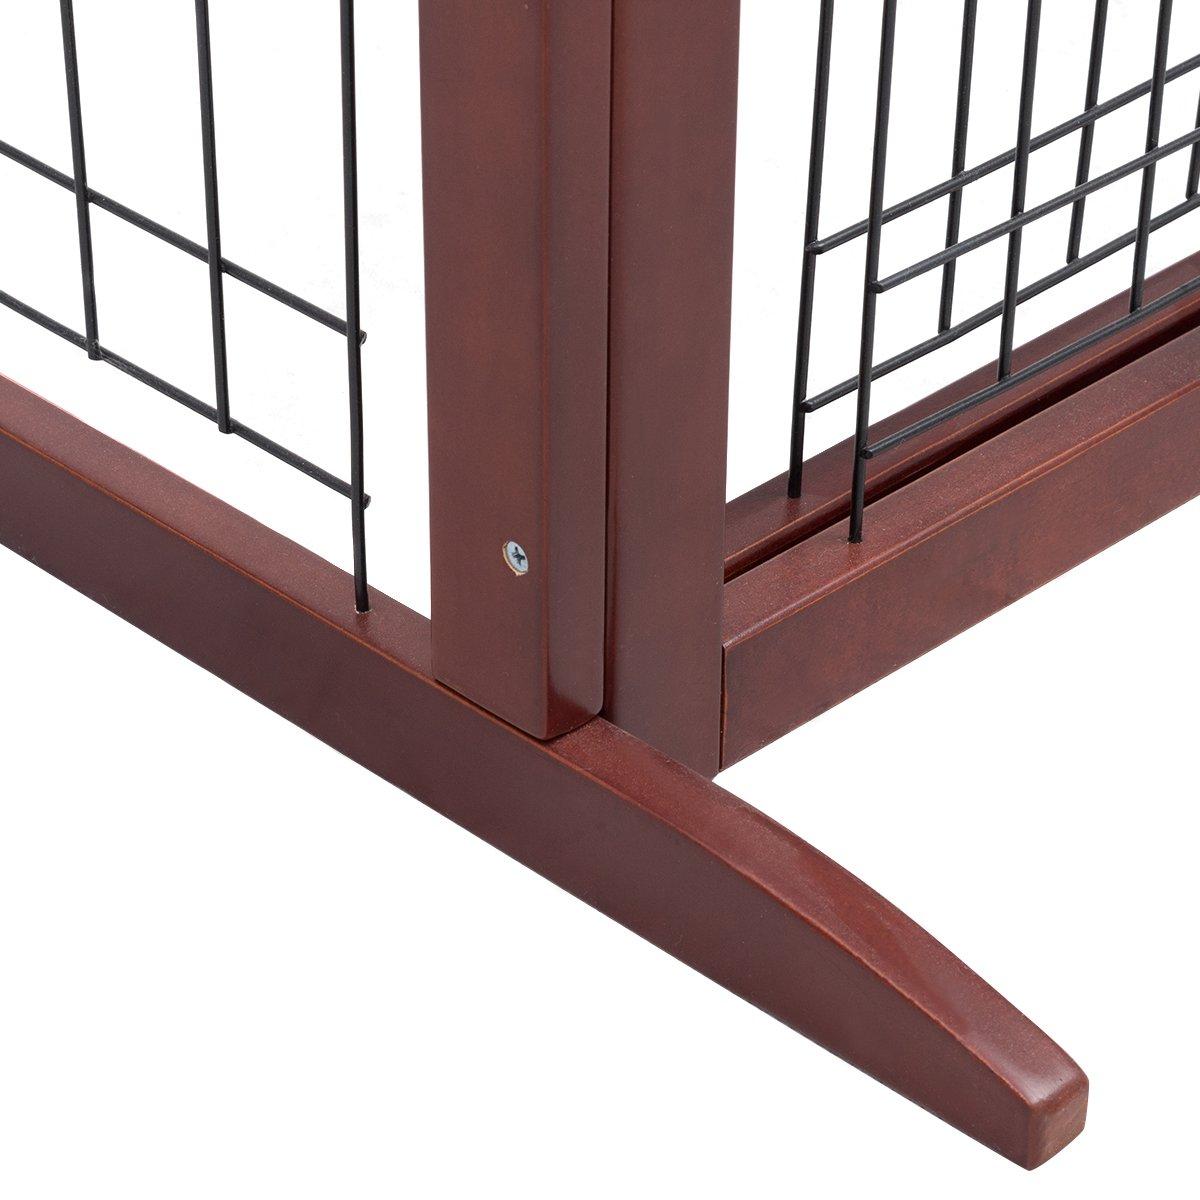 COSTWAY Barrera de Seguridad Extensible de Madera para Puerta Escalera Valla Protecci/ón para Beb/é Perro Mascotas